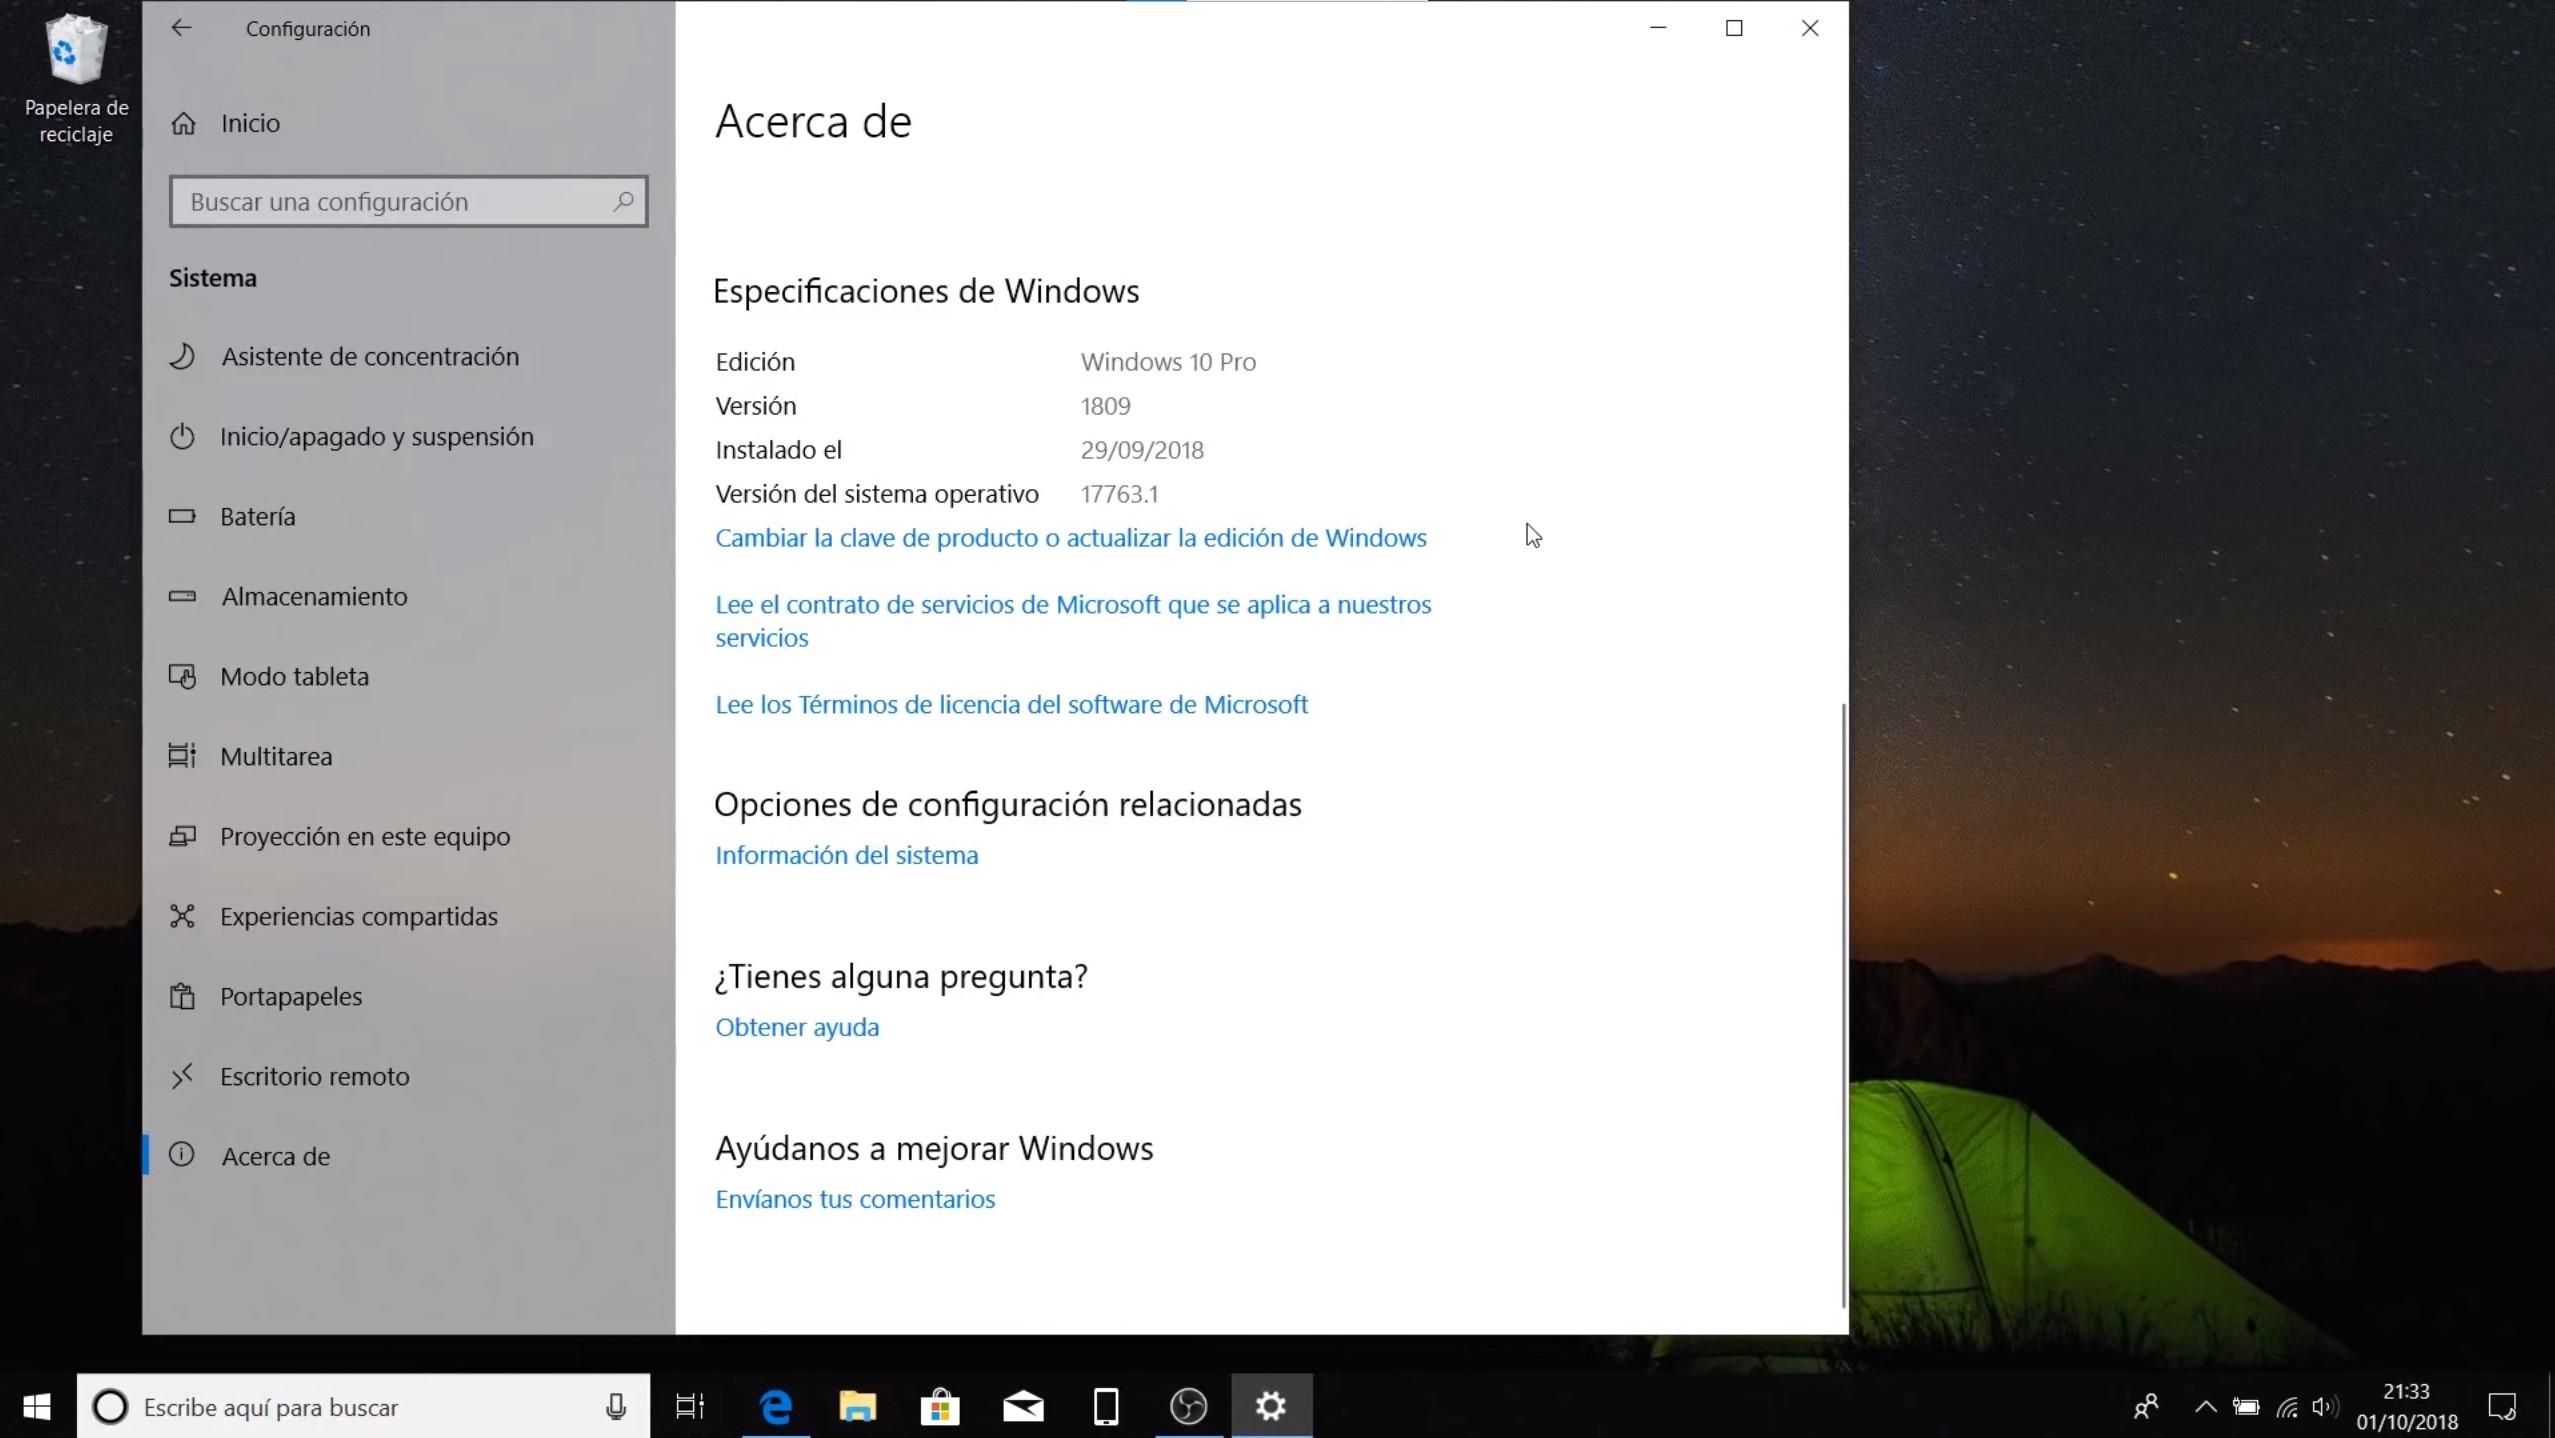 La aplicación de configuración dice que estamos usando la actualización de Windows 10 de octubre de 2018 (versión 1809)